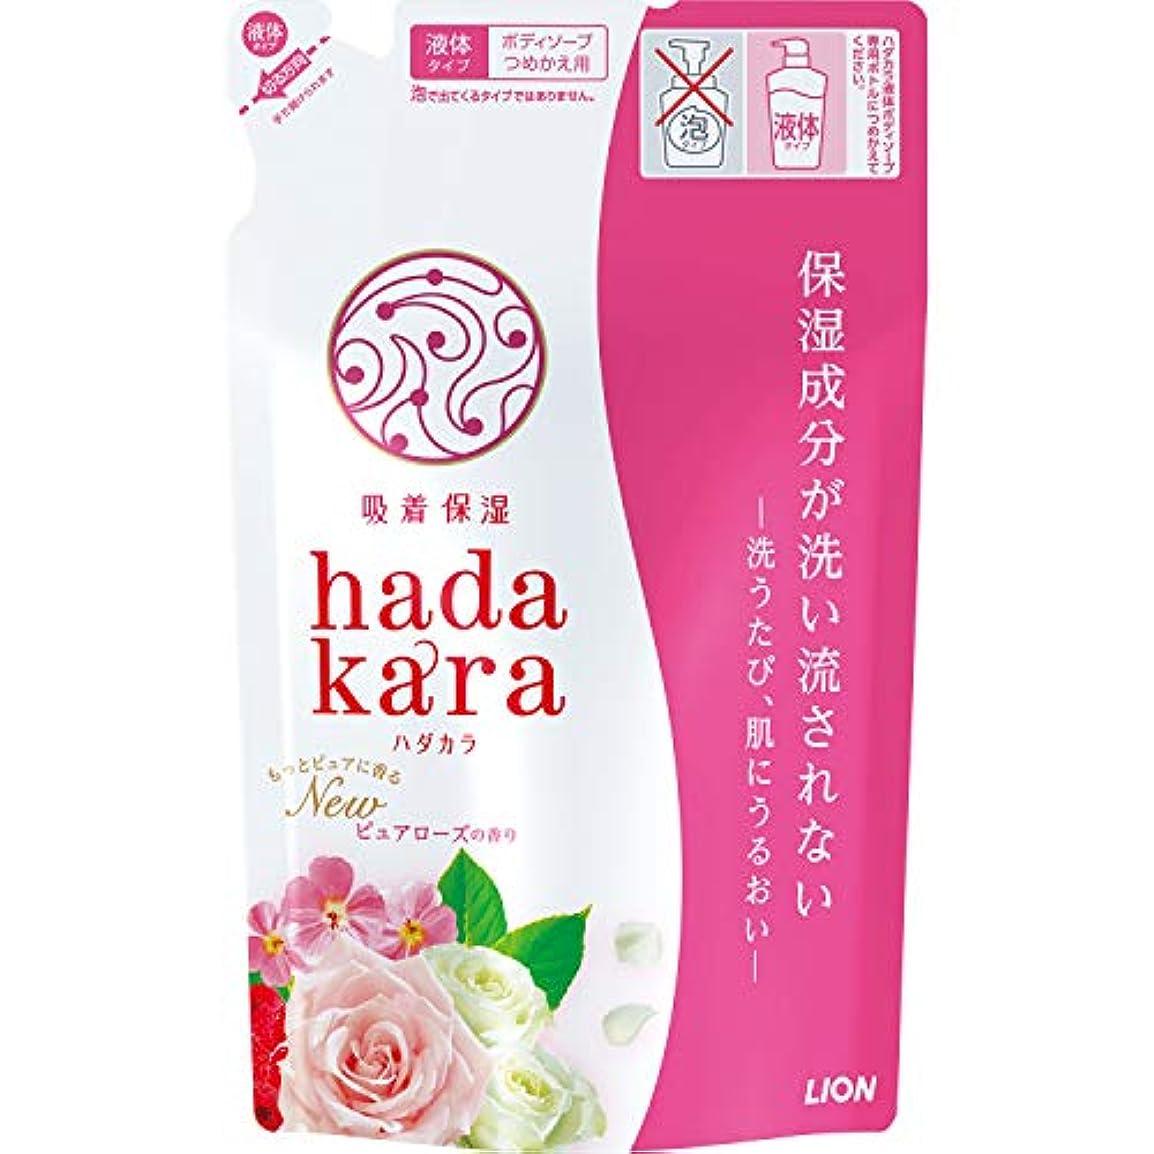 マイクロフォンかすかな瞑想するhadakara(ハダカラ) ボディソープ ピュアローズの香り 詰め替え 360ml